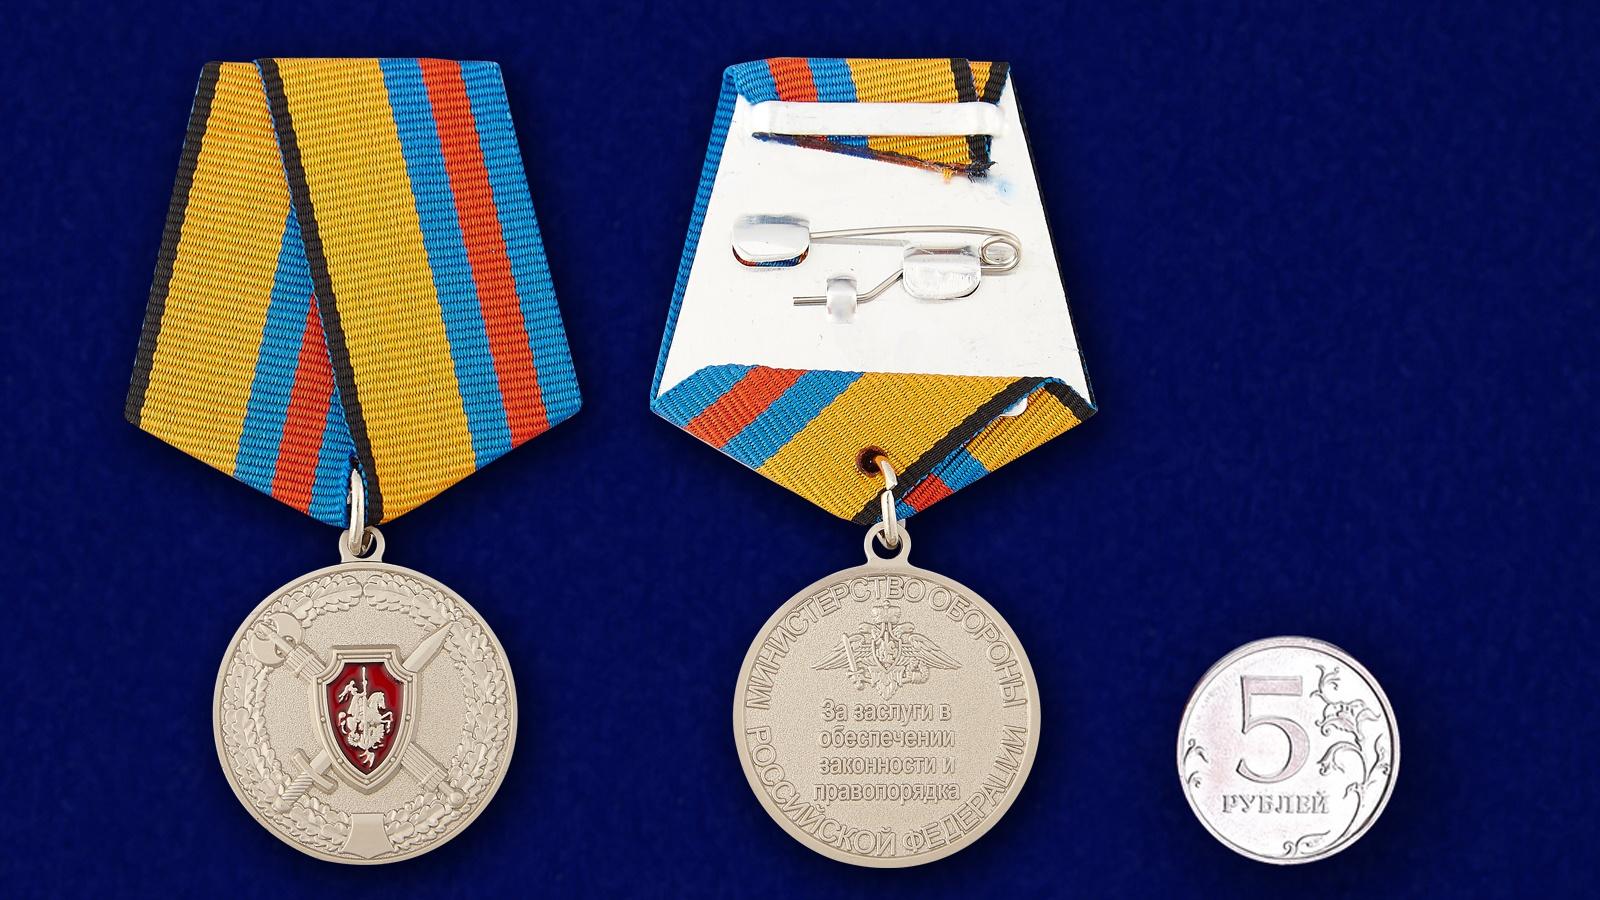 """Медаль """"За заслуги в обеспечении законности и правопорядка"""" МО РФ"""